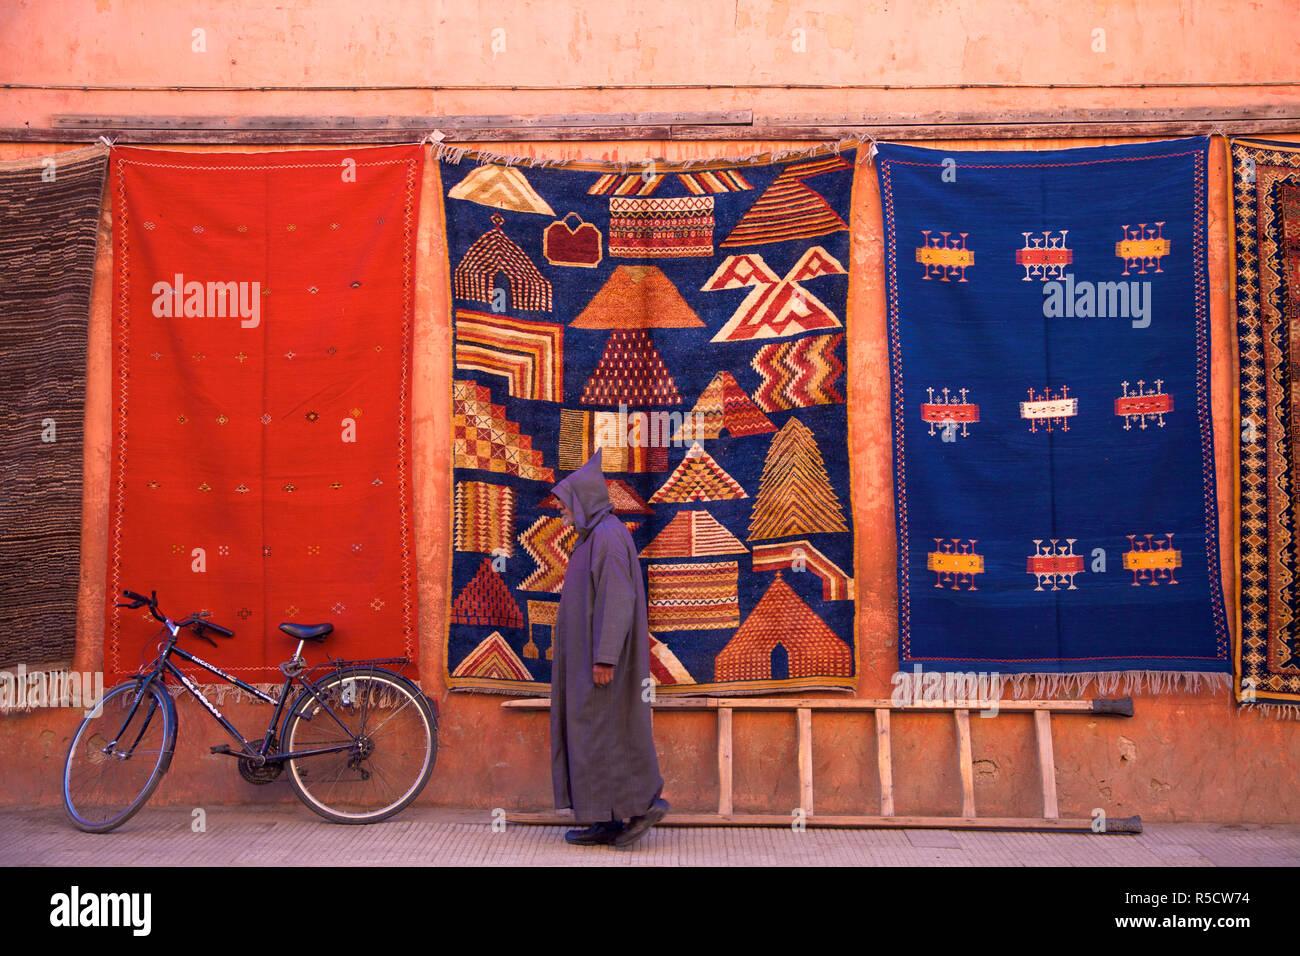 Boutique De Tapis Marrakech Maroc Afrique Du Nord Banque D Images